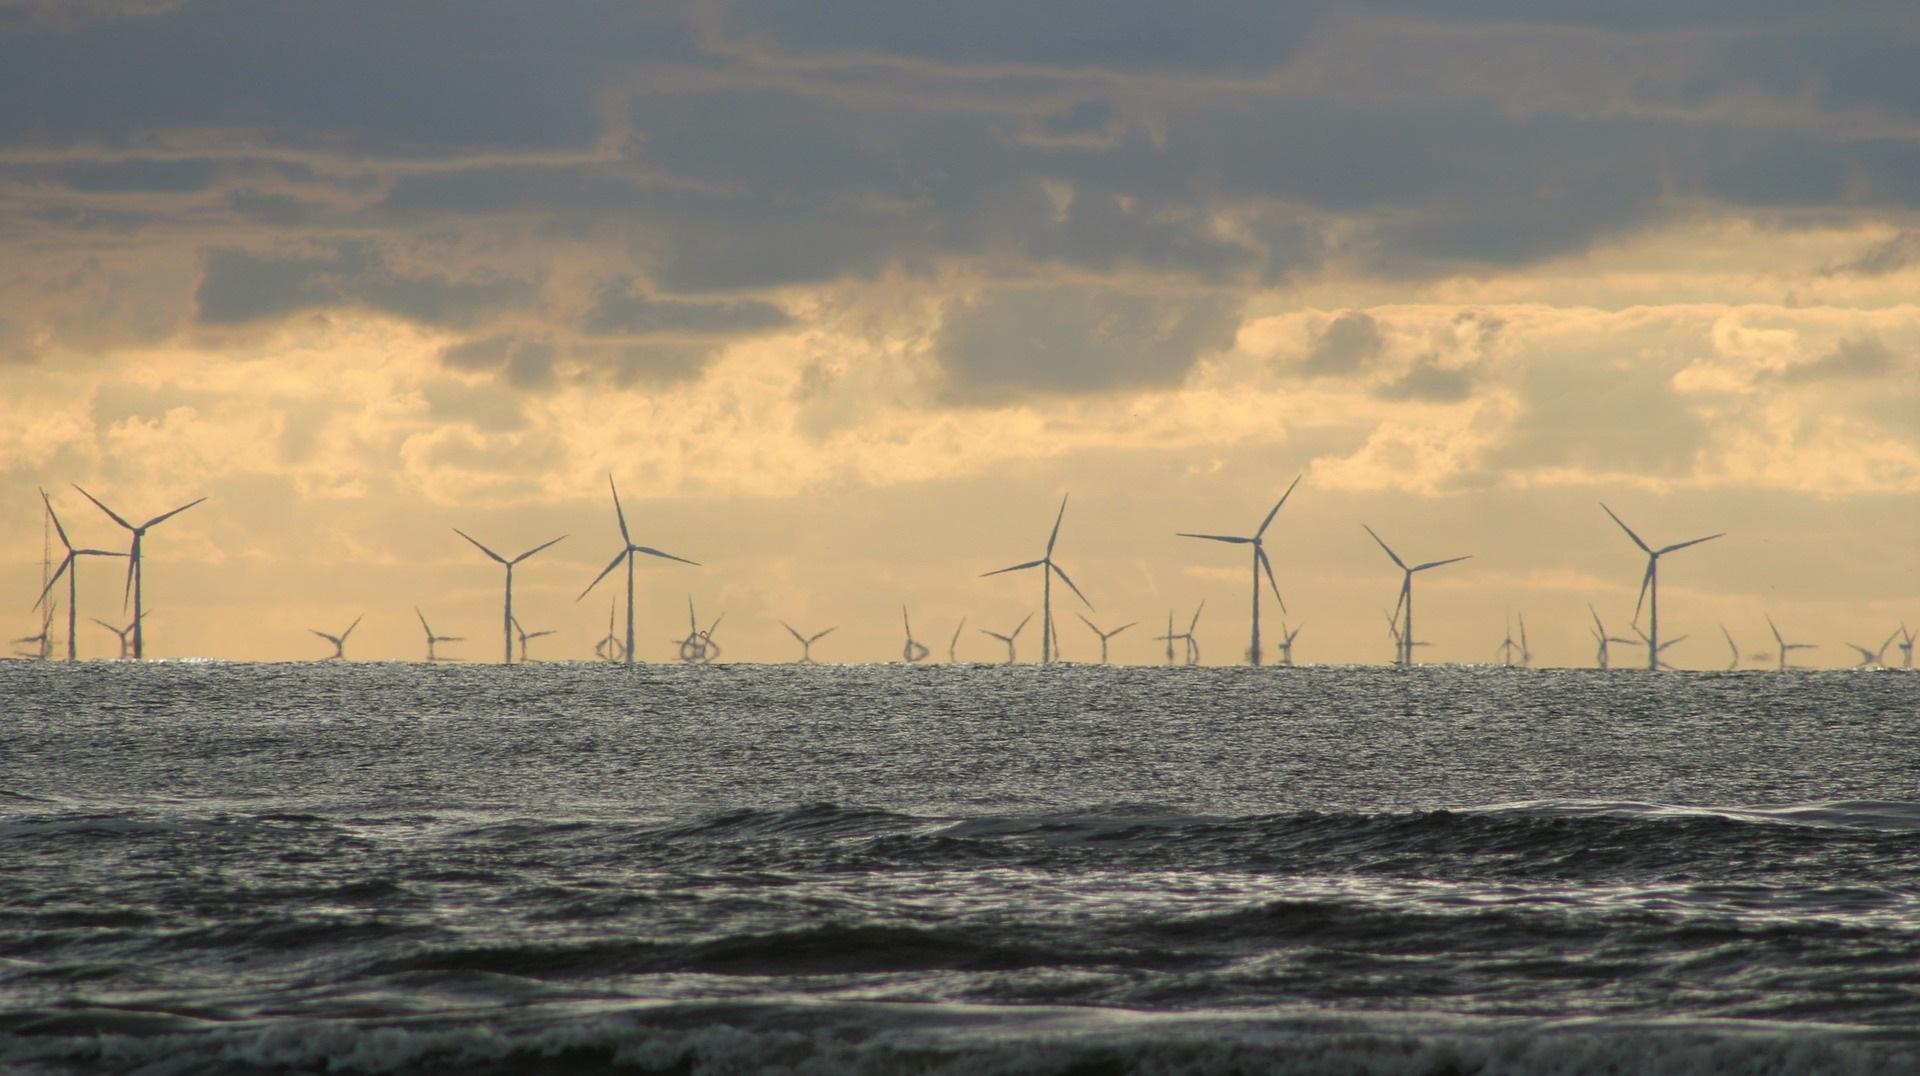 Un parque eólico sobre el mar para dar energía a 600.000 hogares